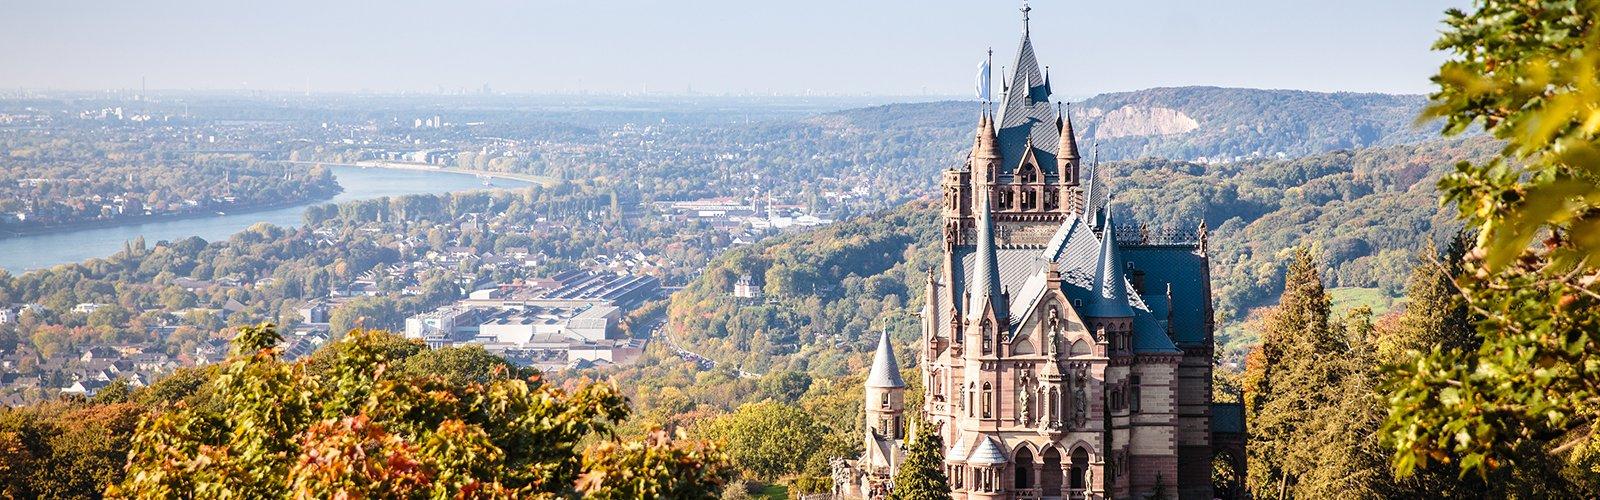 Panorama der Drachenburg